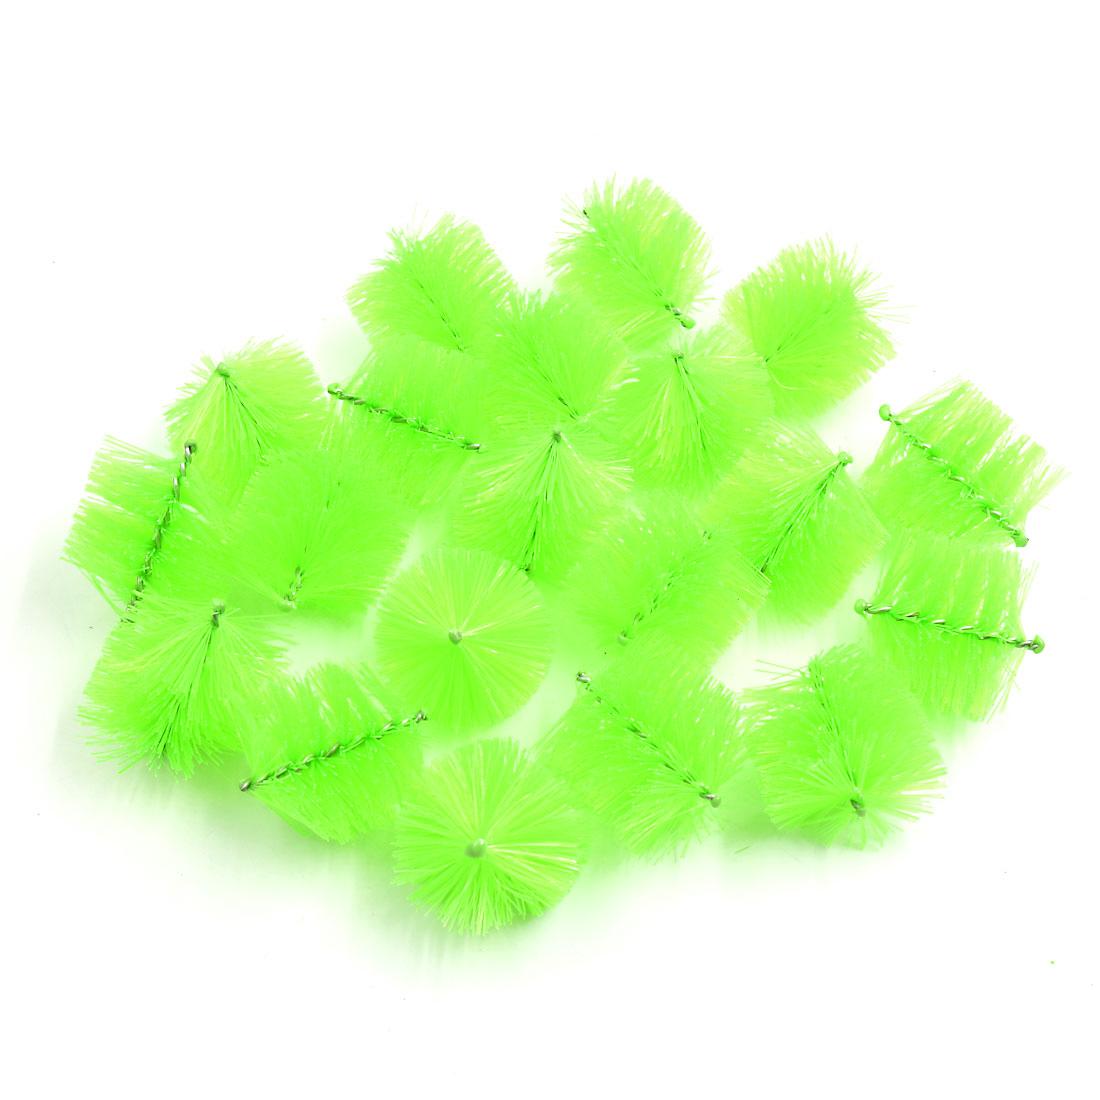 20pcs Light Green Plastic Mini Filter Cleaning Brush for Aquarium Fish Tank